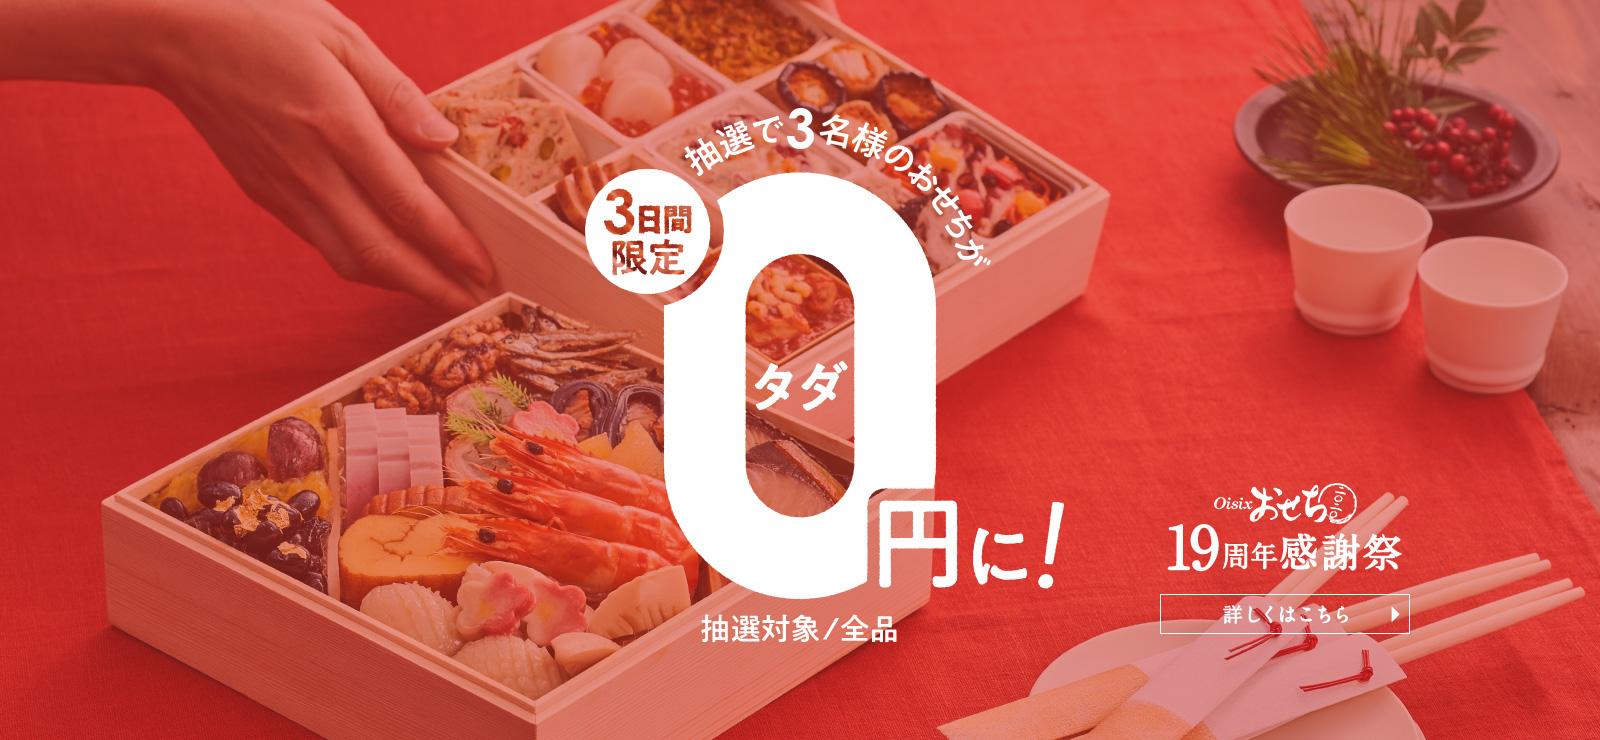 オイシックスのおせちが無料!抽選で3名がタダ!お得で格安の0円!